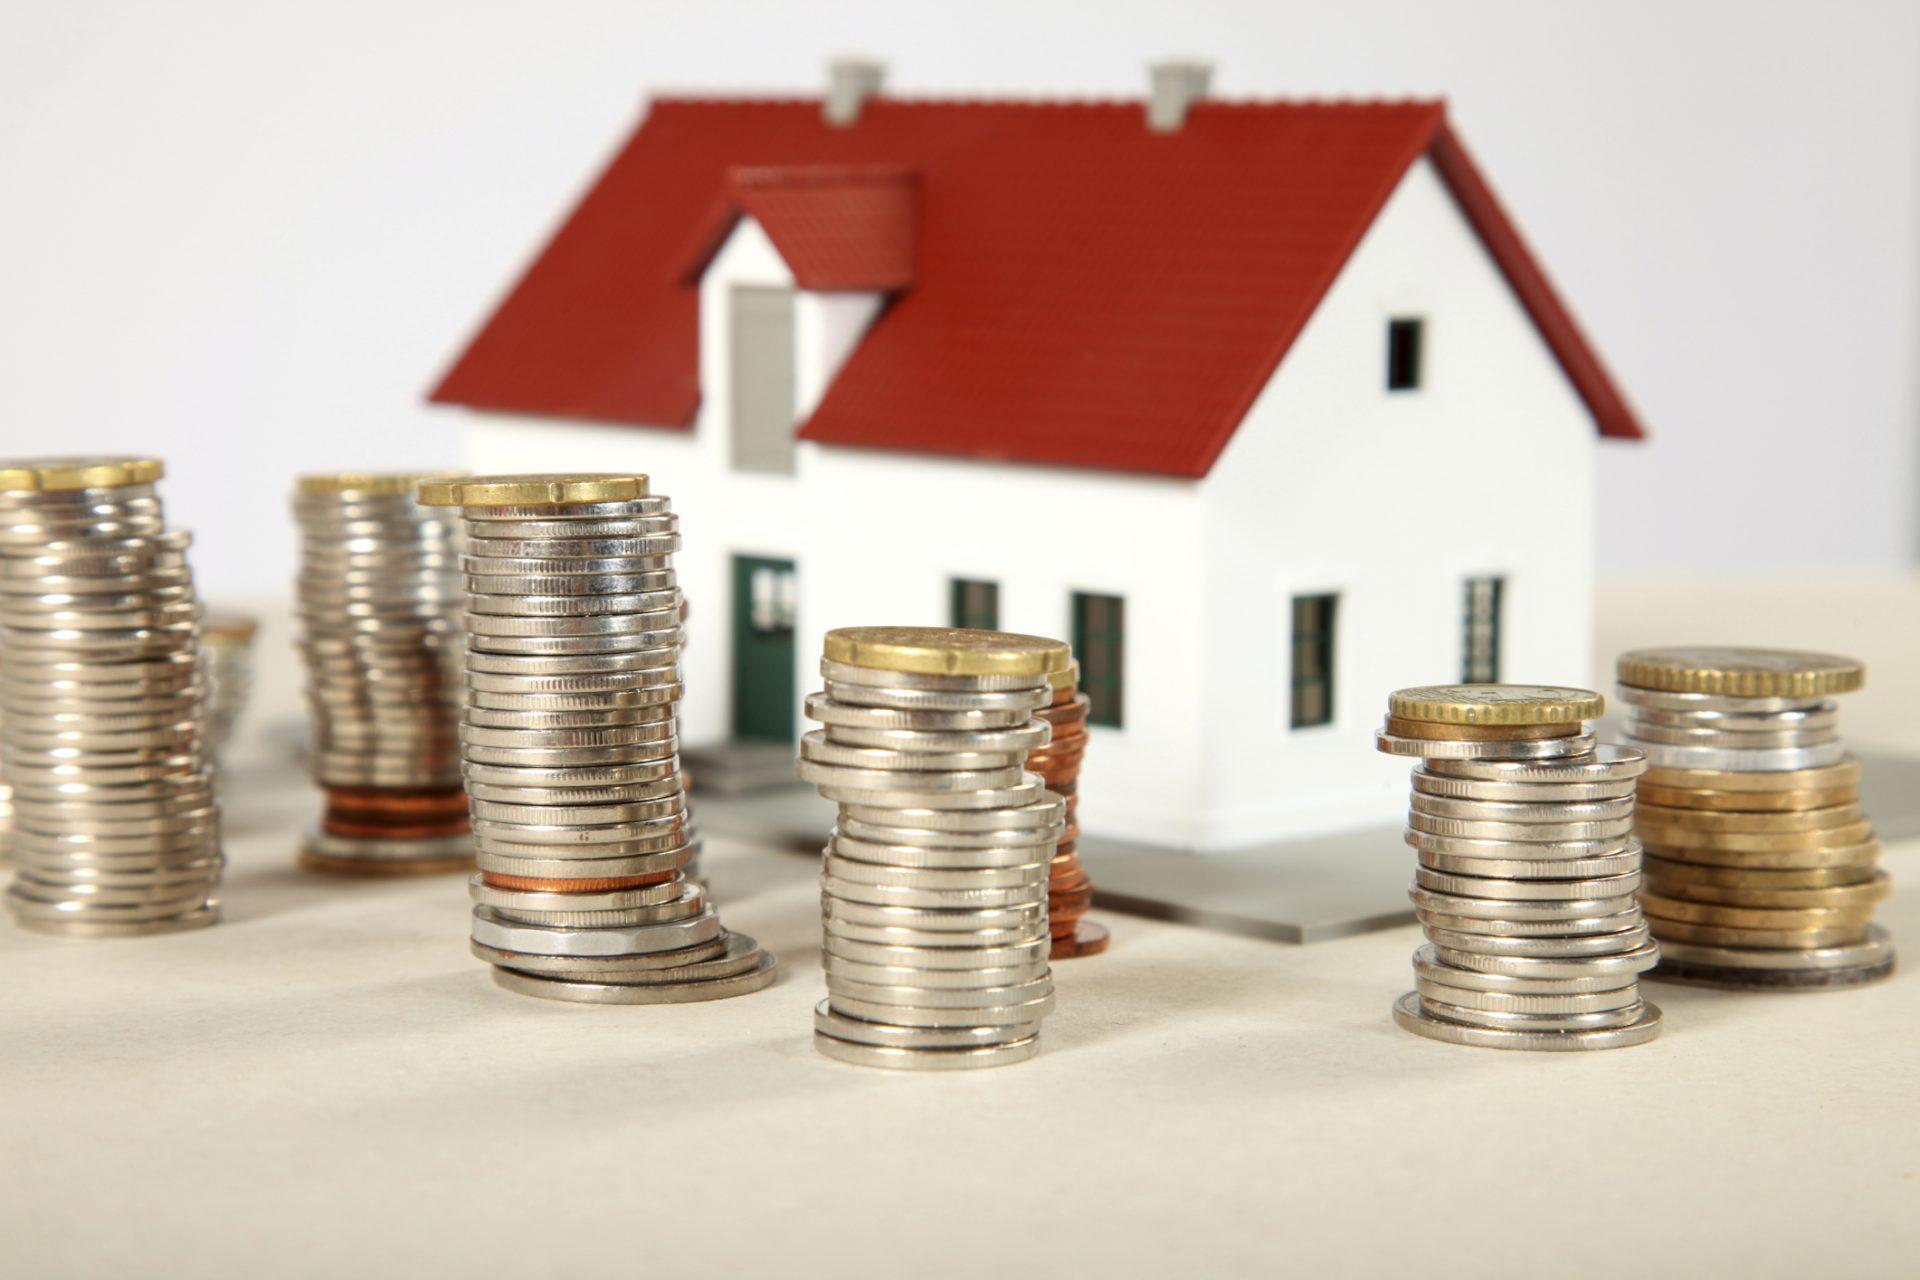 (متقاضیان تسهیلات ودیعه اجاره مسکن از ۲۱ مردادماه به بانک معرفی میشوند